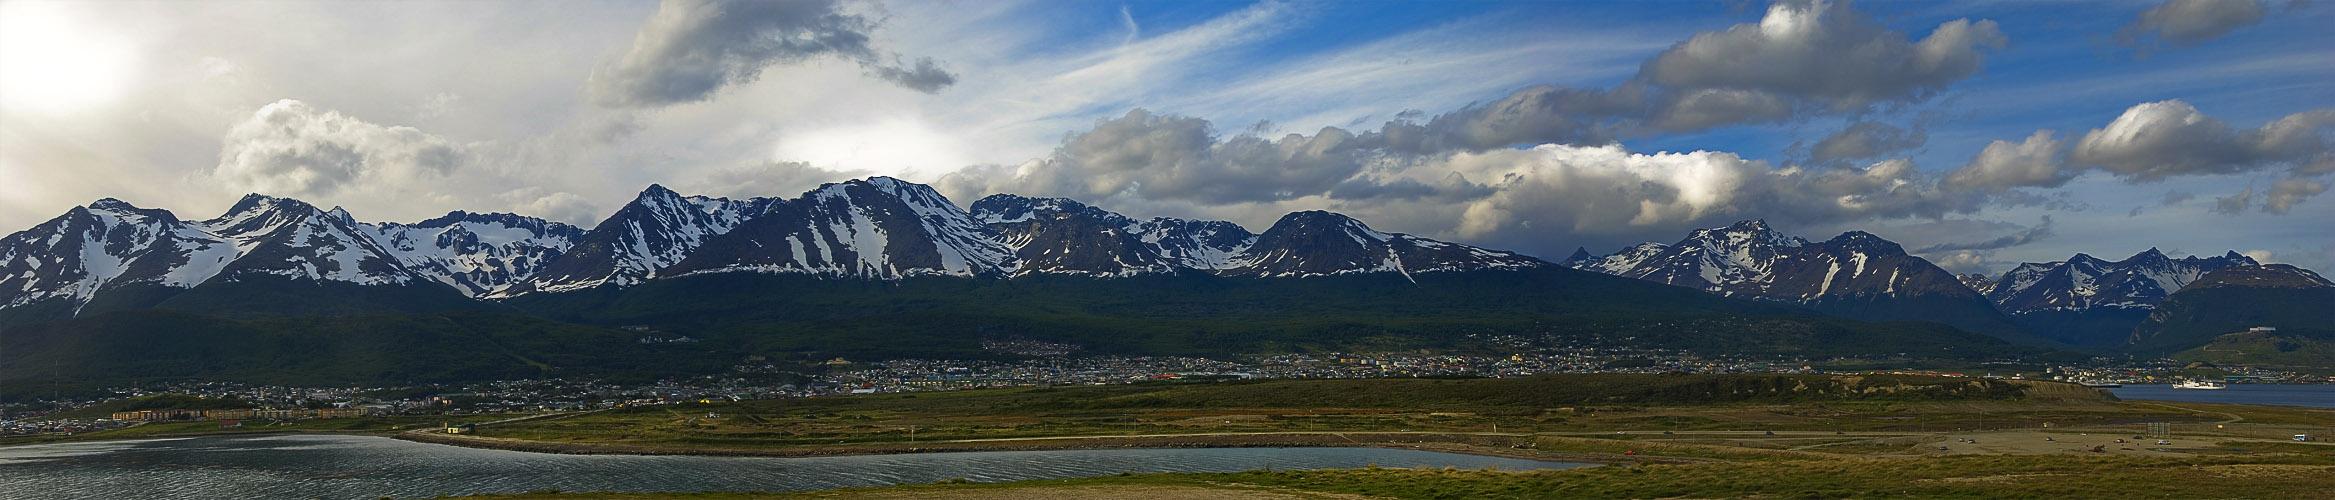 Ushuaia - Panorama -